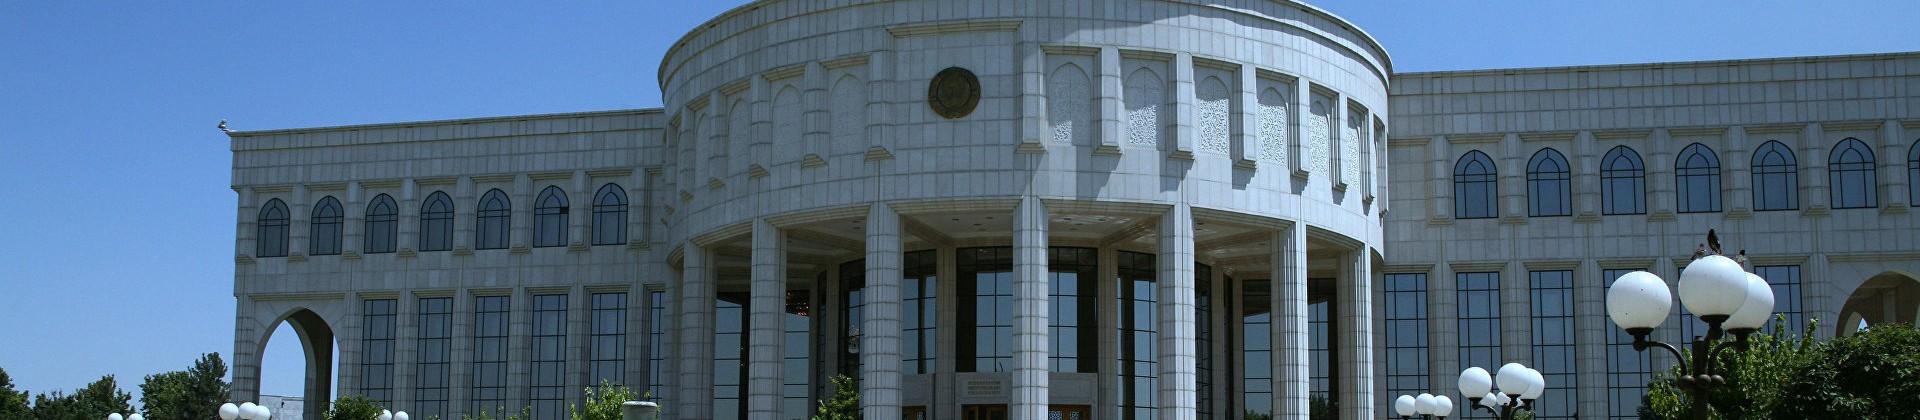 Museum of Islam Karimov - 1